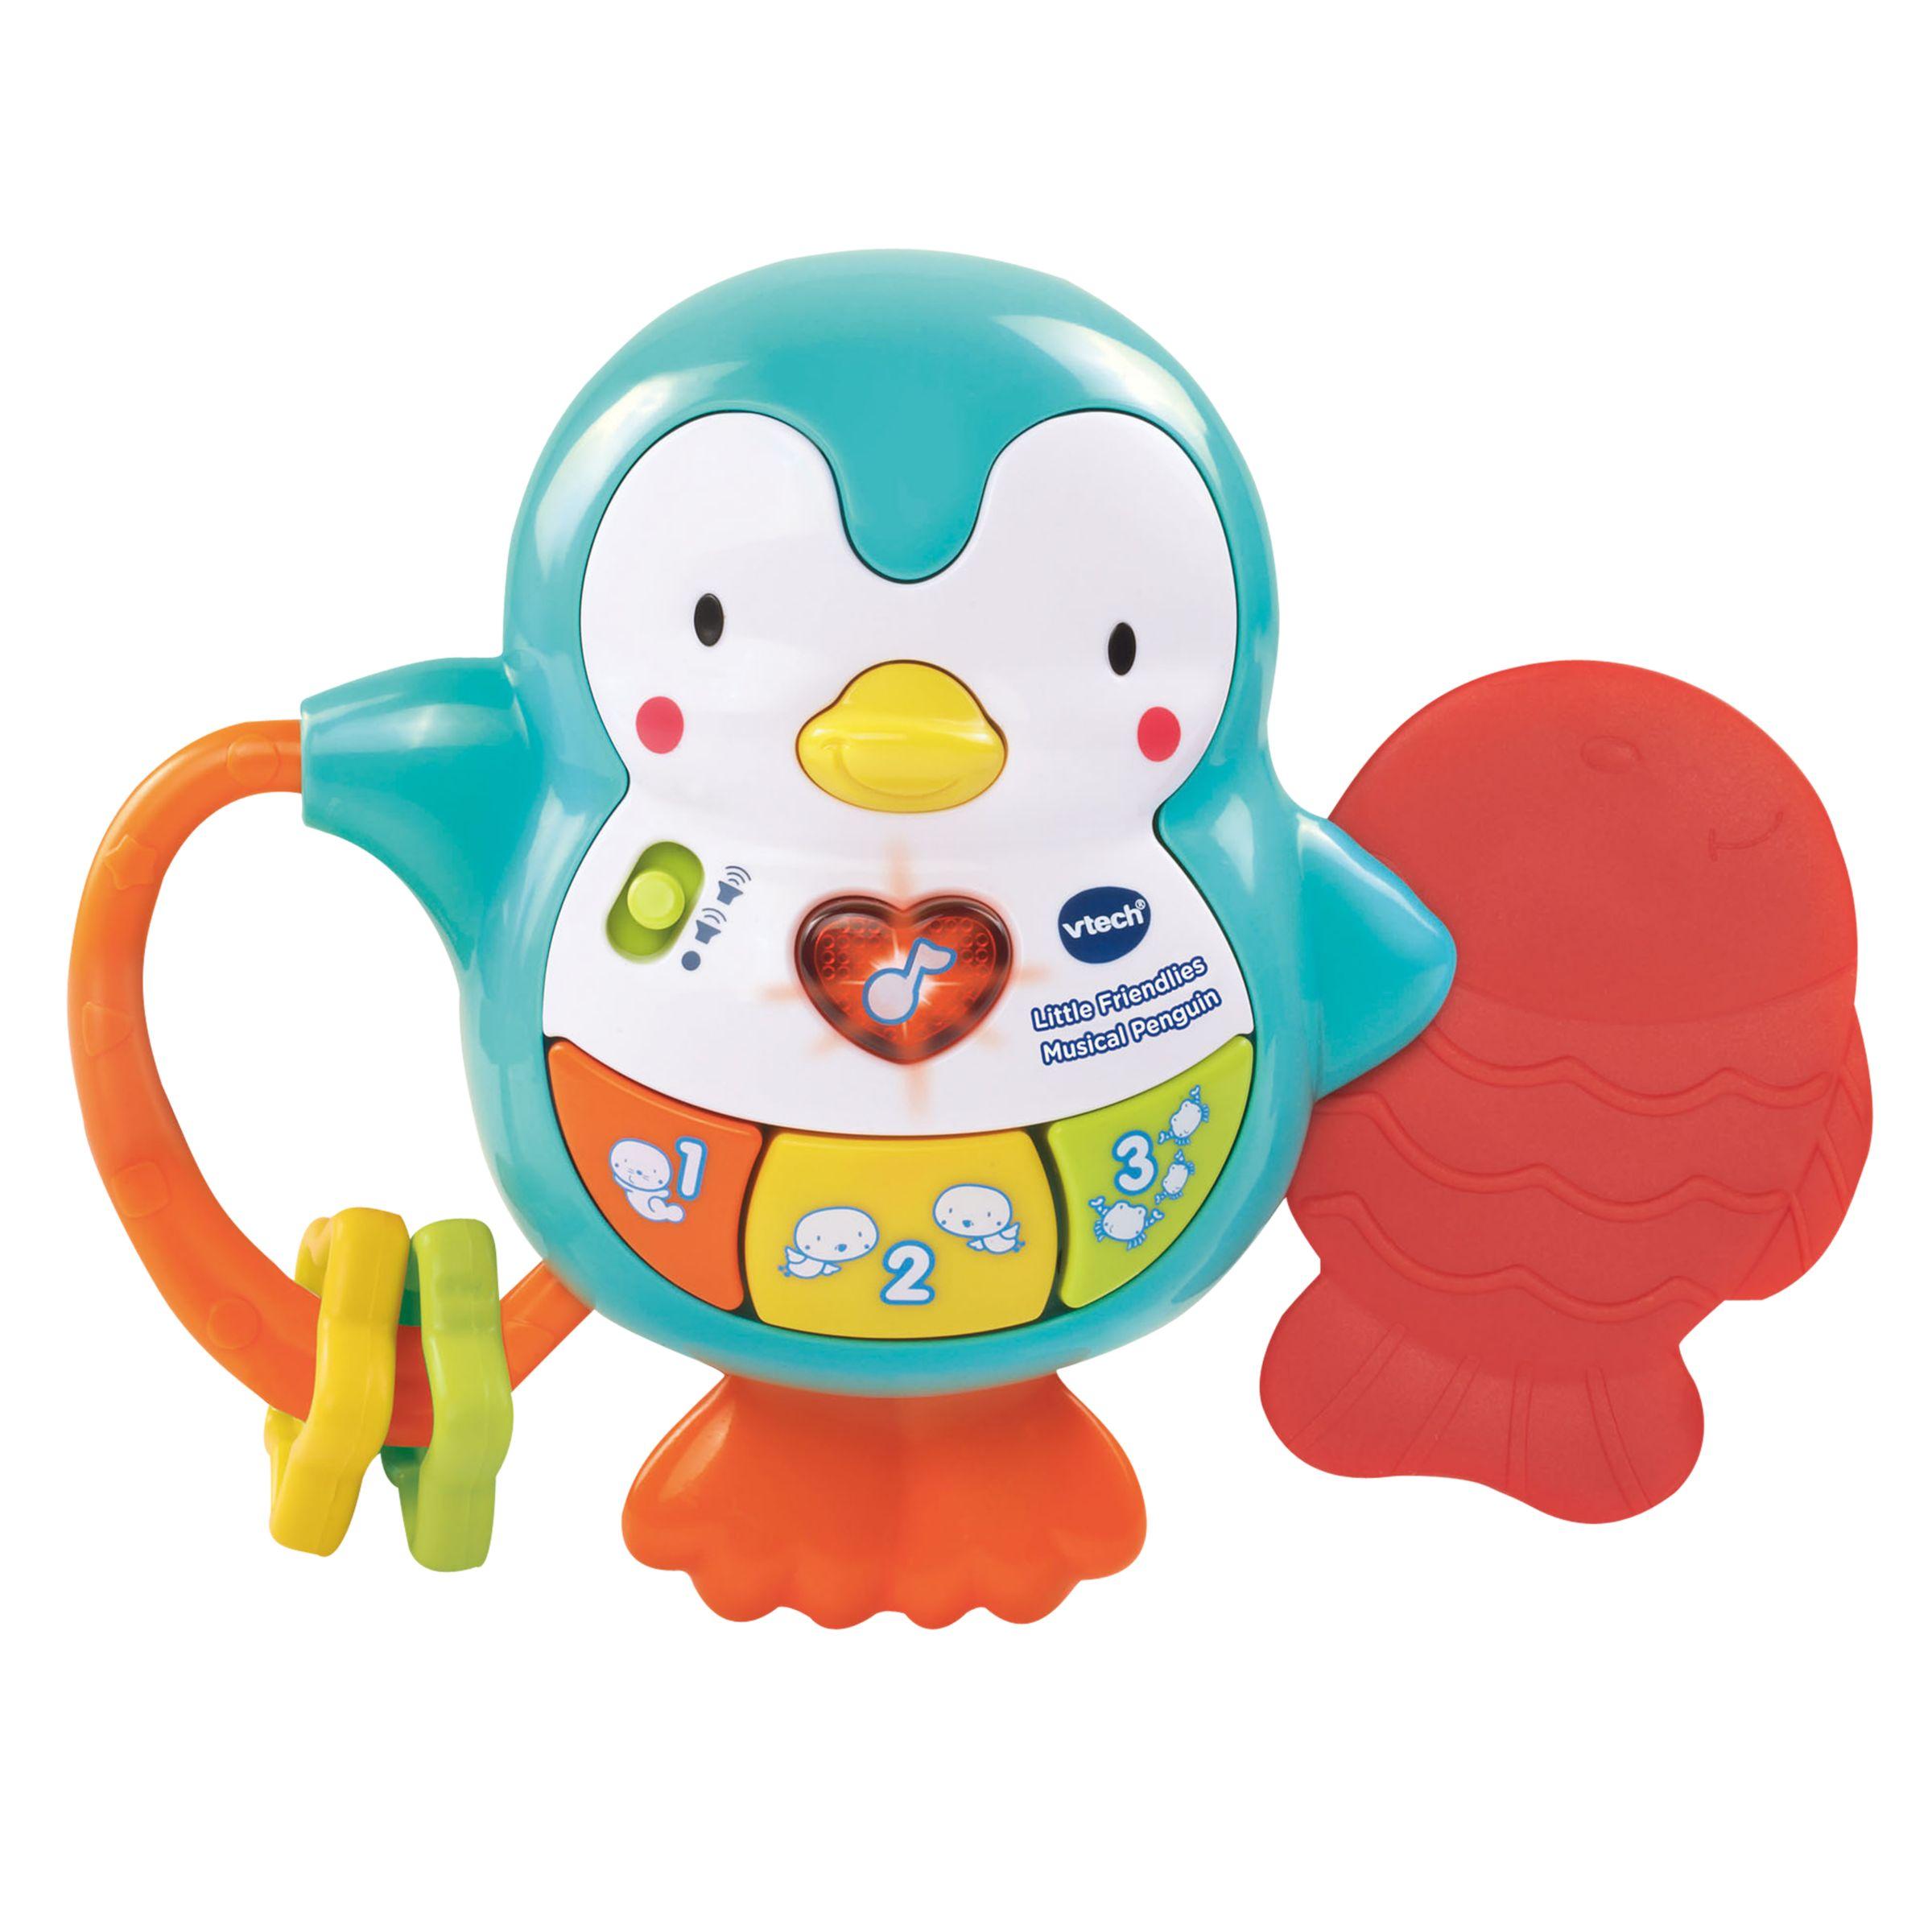 Vtech VTech Little Friendlies Musical Penguin Baby Toy